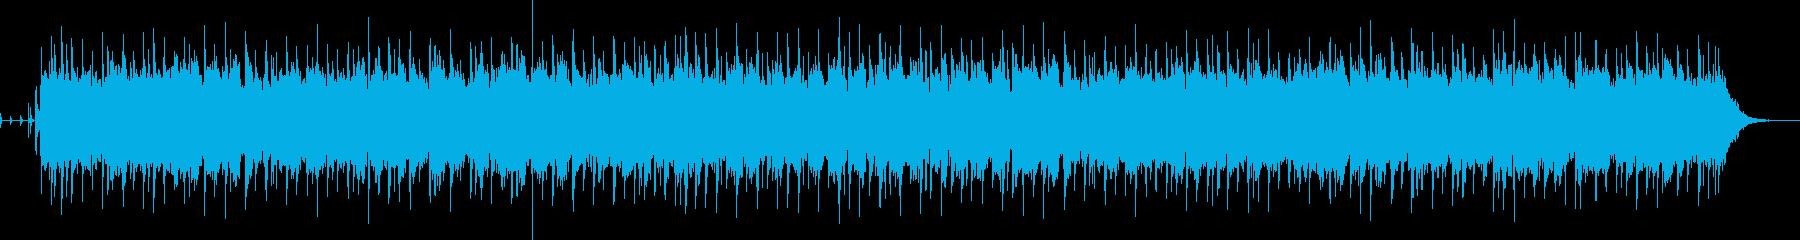 ゆっくり・切ない雰囲気のBGMの再生済みの波形